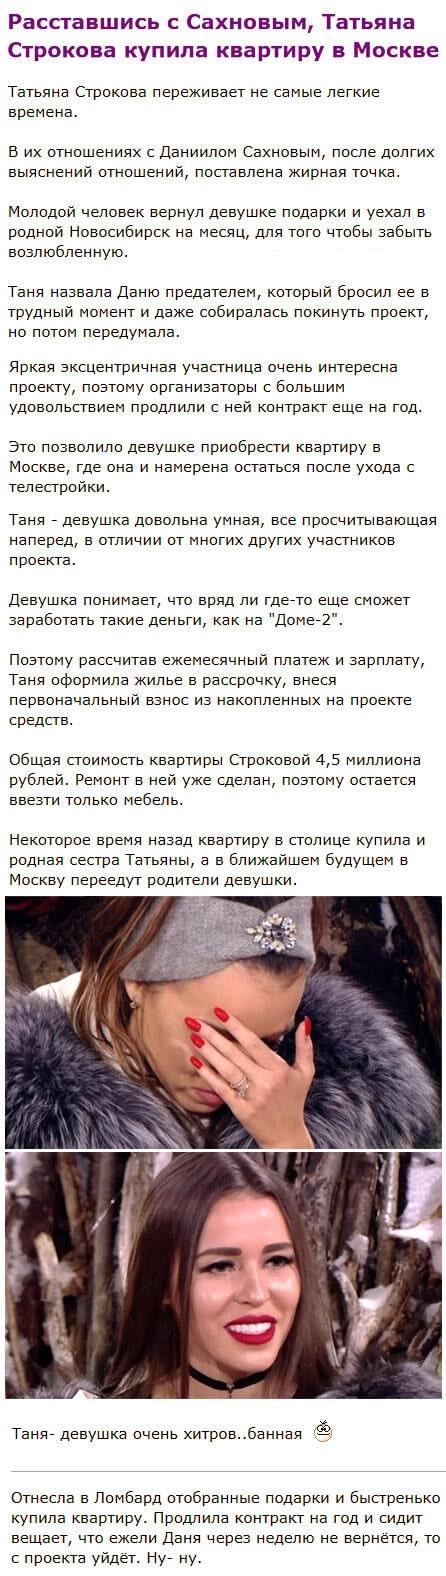 Татьяна Строкова утерла нос бросившему ее Даниилу Сахнову